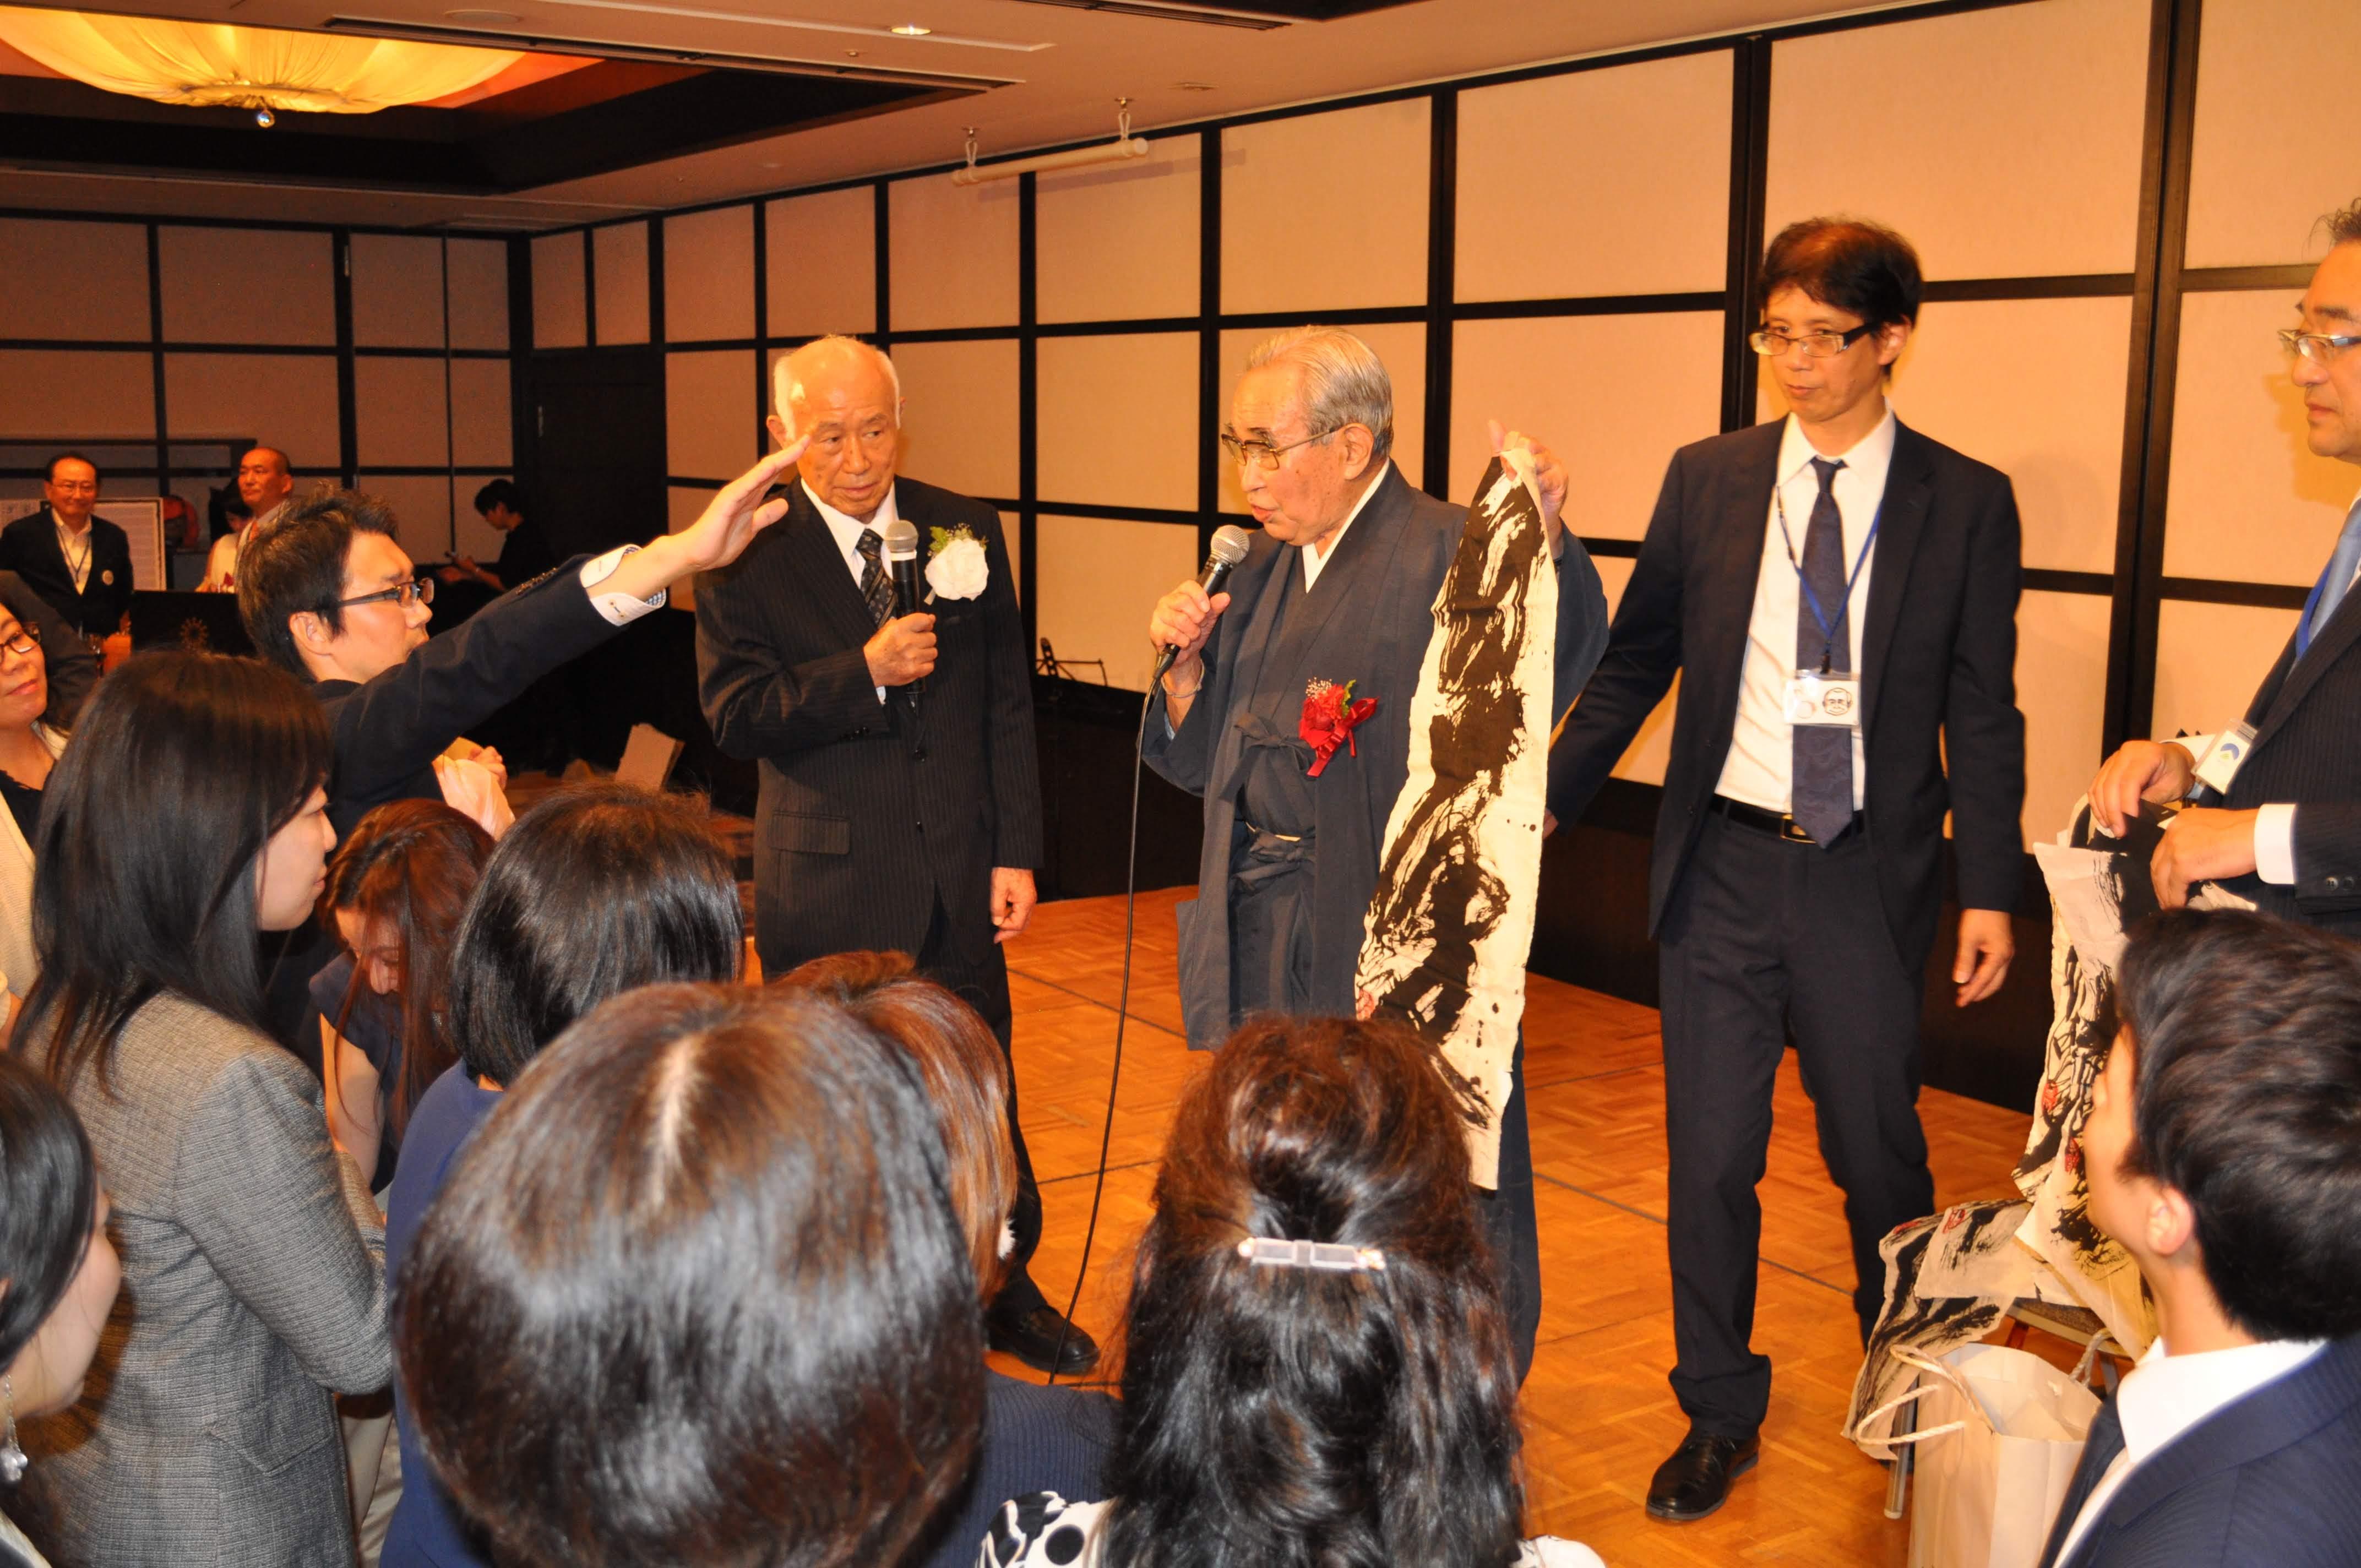 DSC 0574 1 - 思風会全国大会in広島